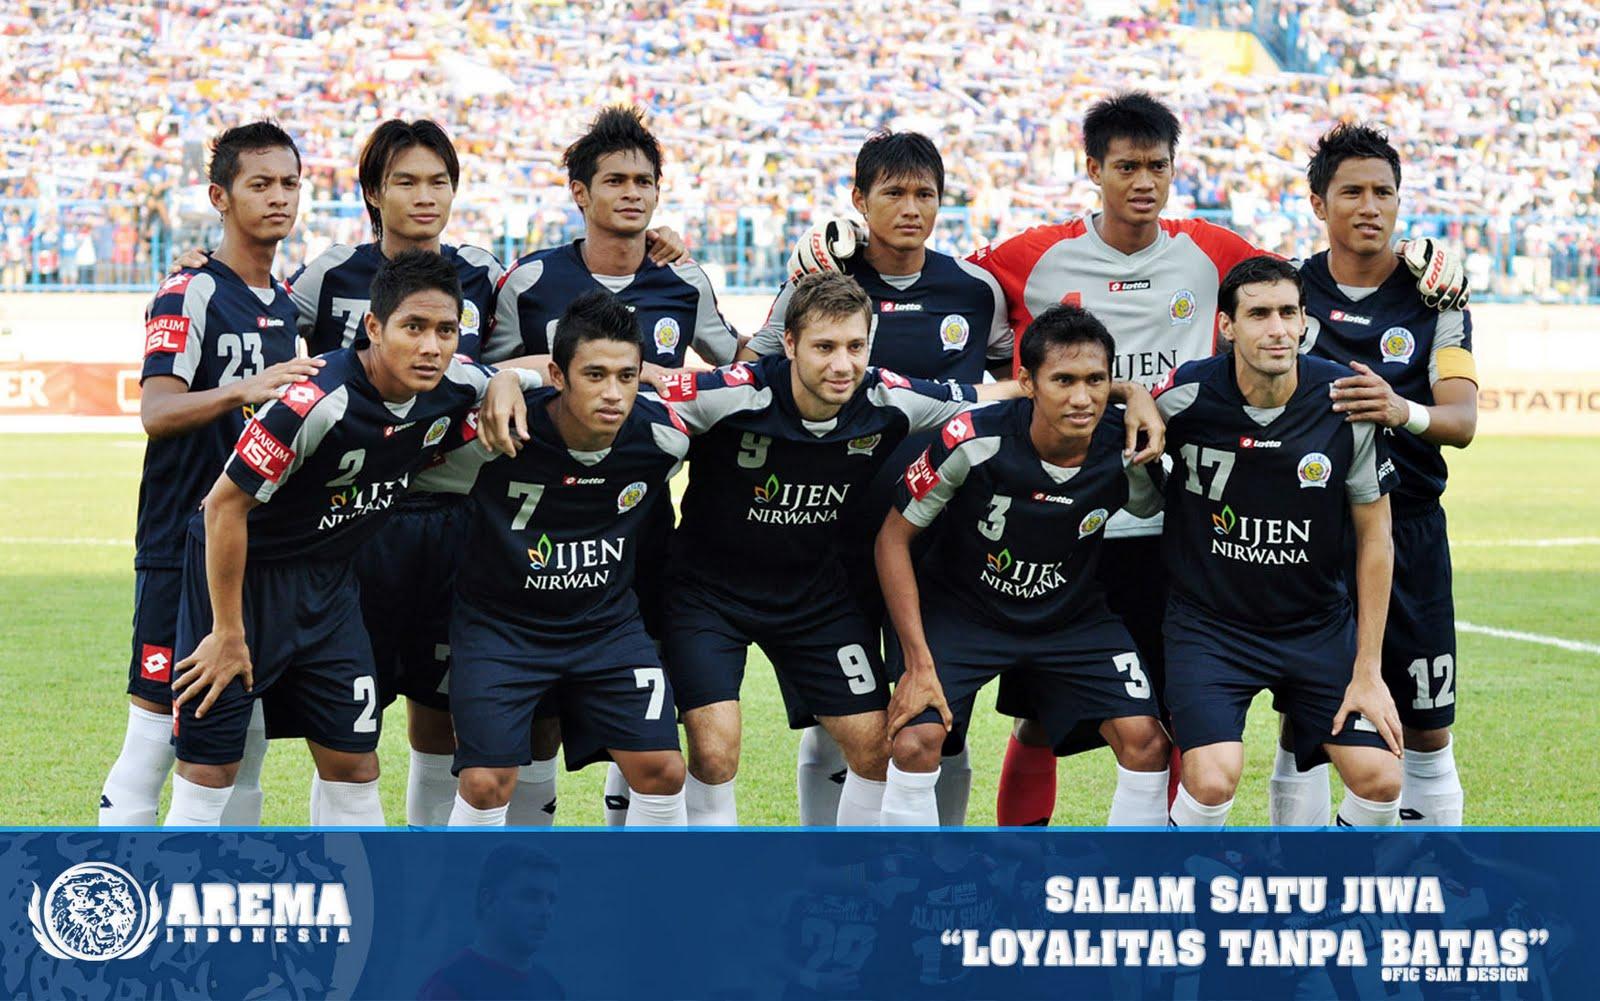 http://1.bp.blogspot.com/-K5sj3bF_nCo/TglqJLIUuMI/AAAAAAAAAUQ/61v3DqCcI10/s1600/wallpaper+arema+indonesia+2011+%2528TEAM+AREMA+INDONESIA%2529+by+%2528ofic+sam%2529+fb..+boy_gassipers%2540yahoo.co.id+2.jpg